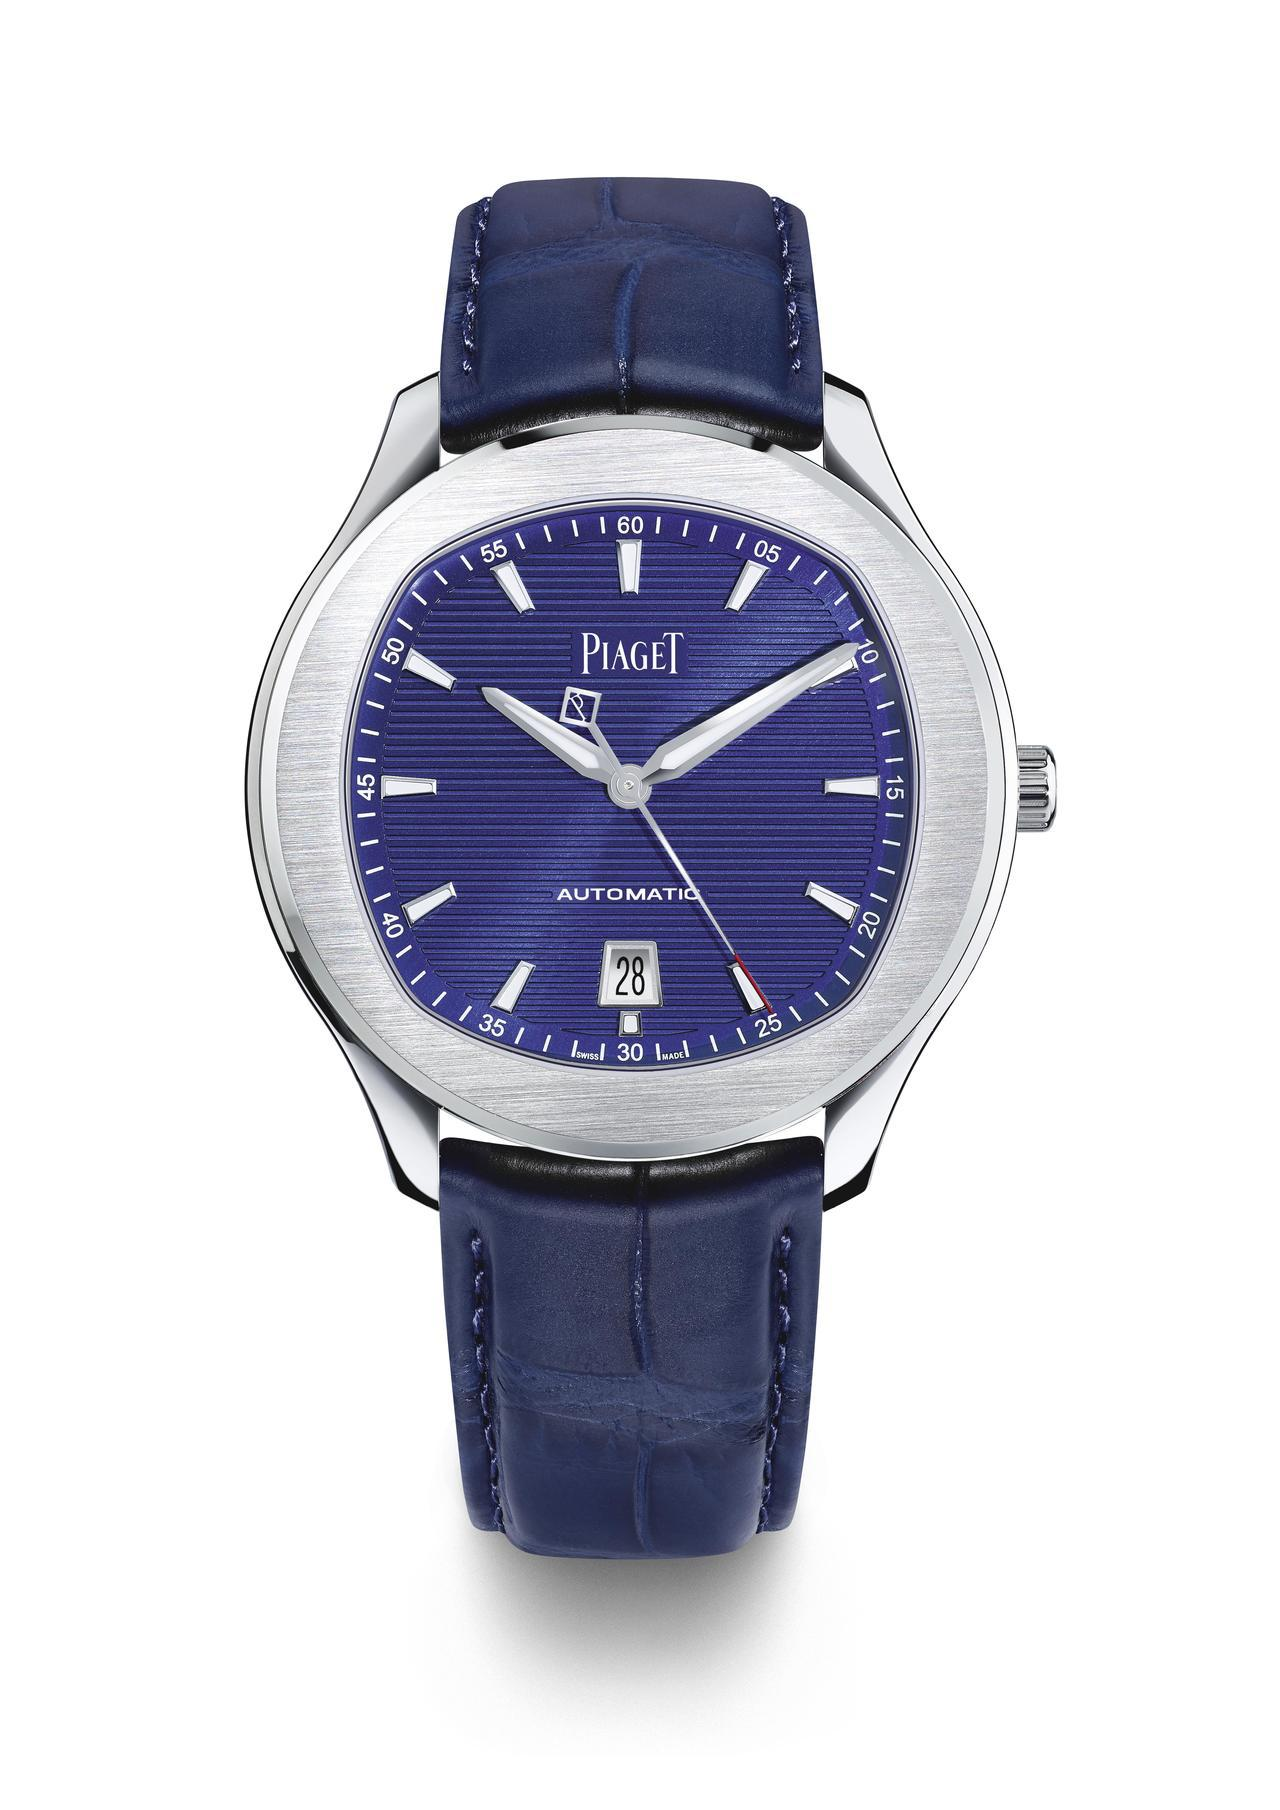 PIAGET Polo S系列精鋼自動上鍊腕表,28萬3,000元。圖/伯爵提供